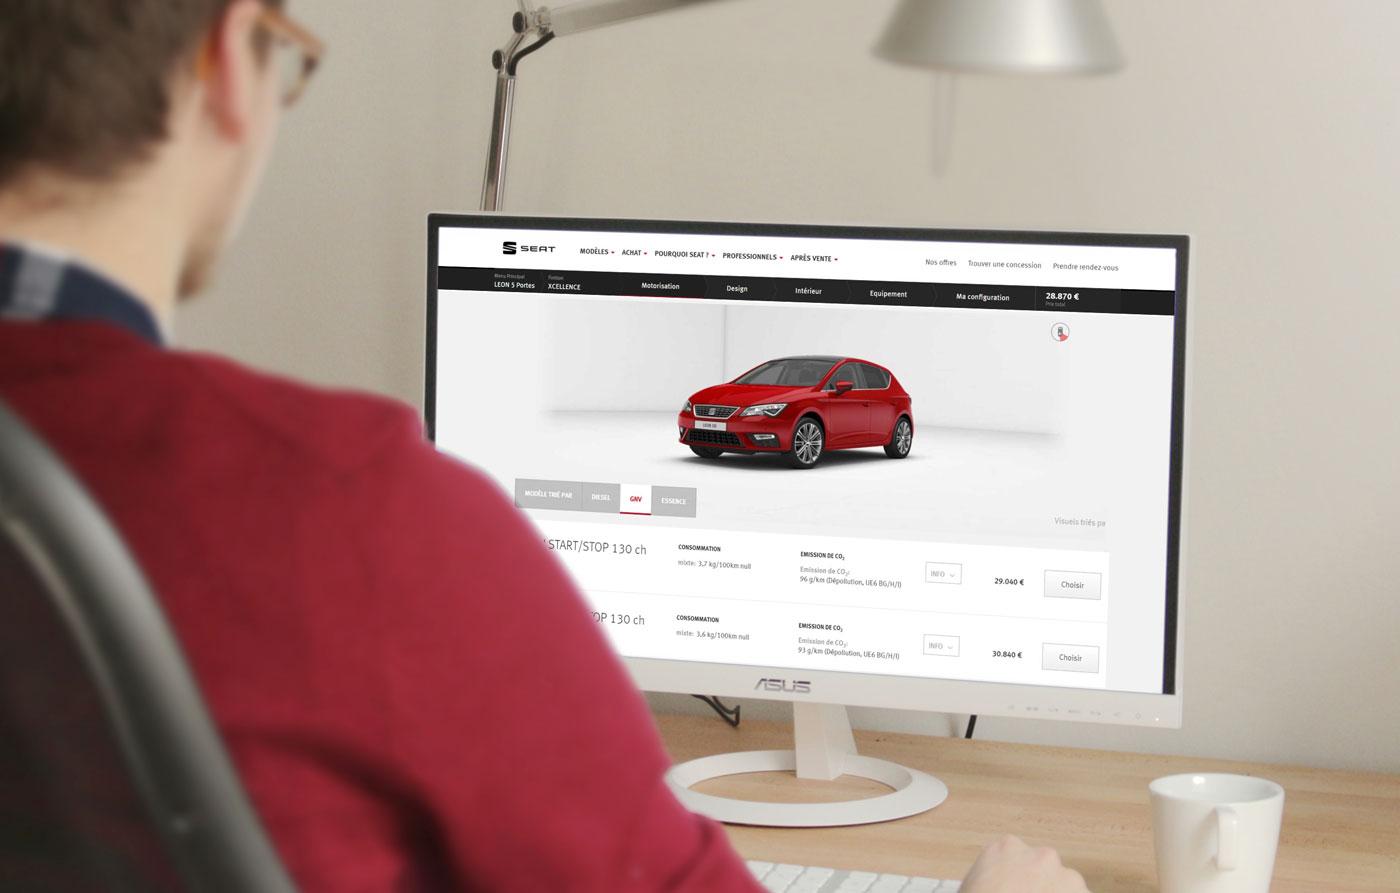 Voiture GNV : la Leon TGI disponible dans le configurateur en ligne de Seat